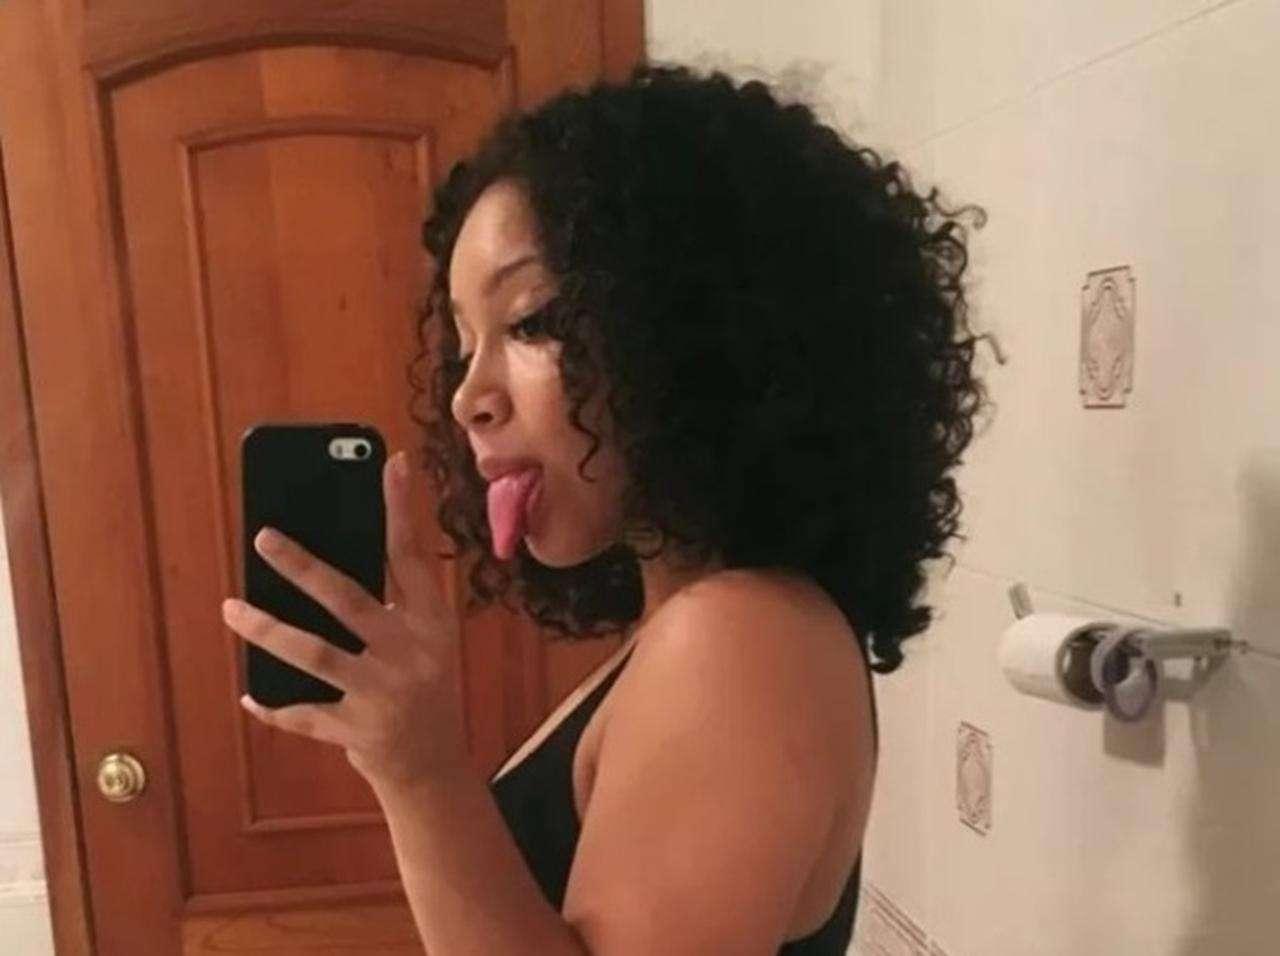 ある女性がバスルームで撮ったセルフィーの「おかしい部分」にツッコミ殺到 - FRONTROW